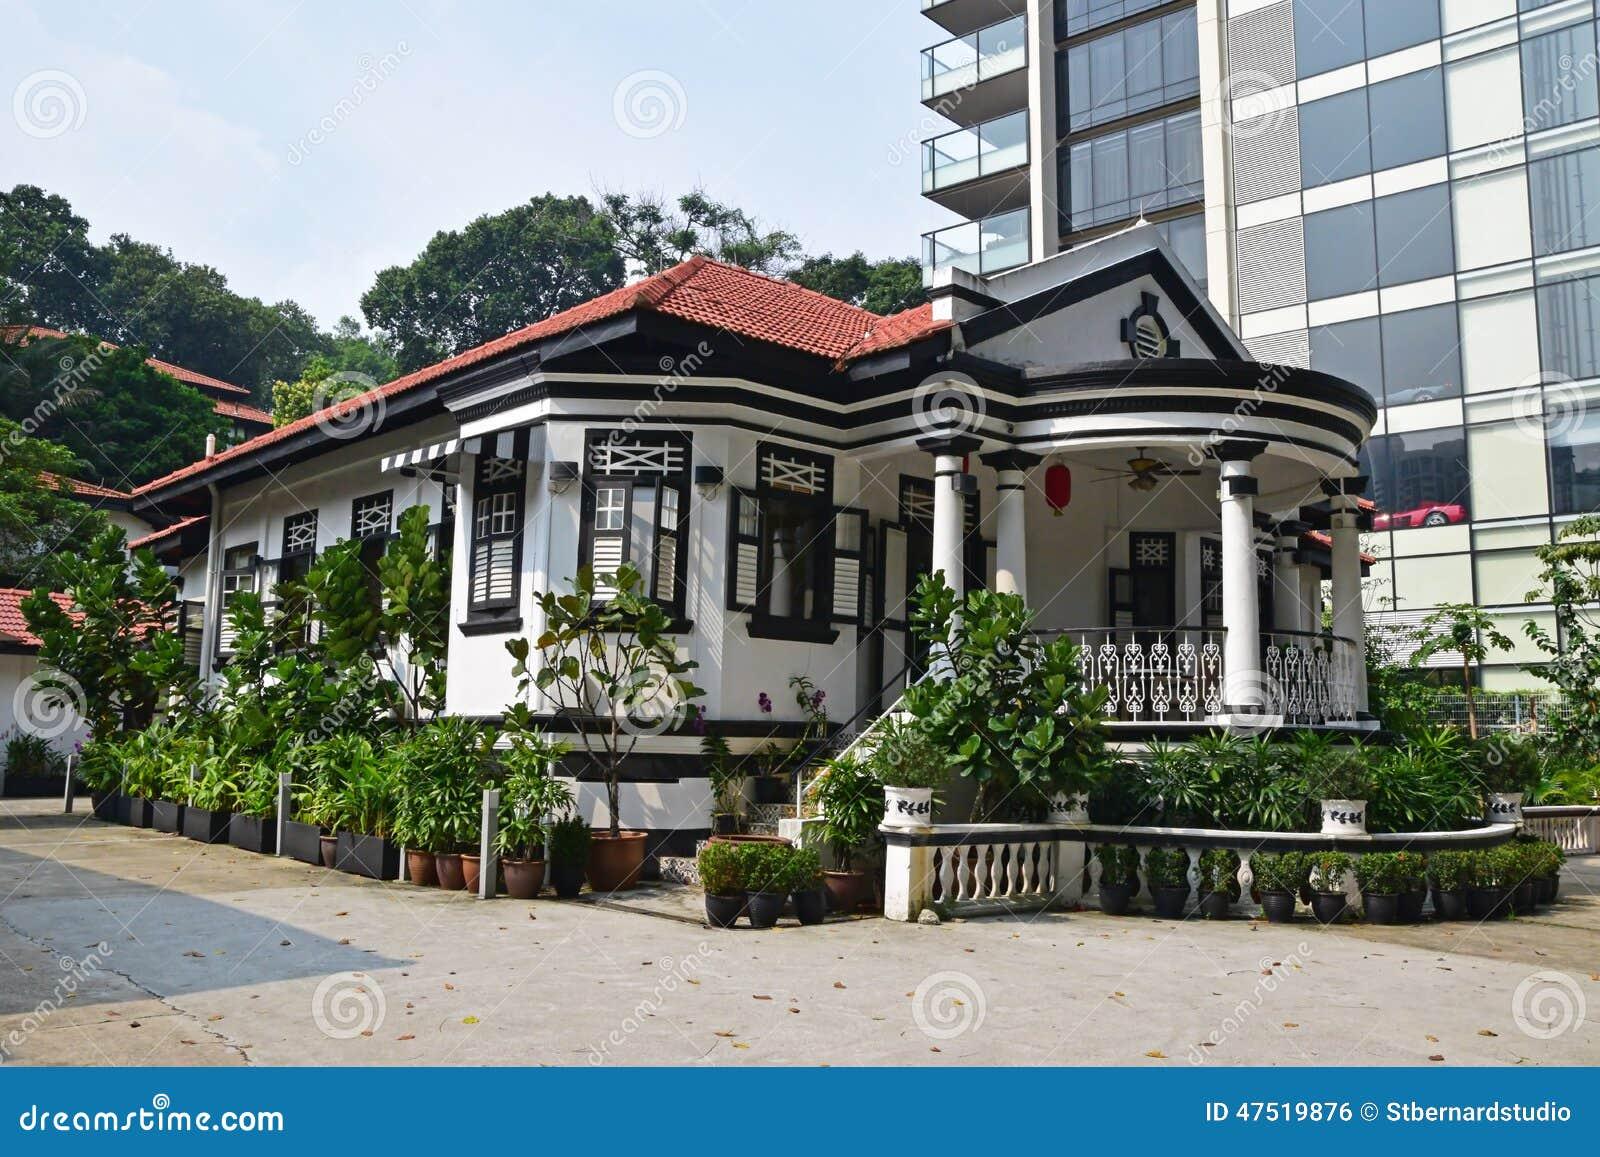 Maison coloniale traditionnelle singapour c t du gratte - Centre commercial pour la maison ...